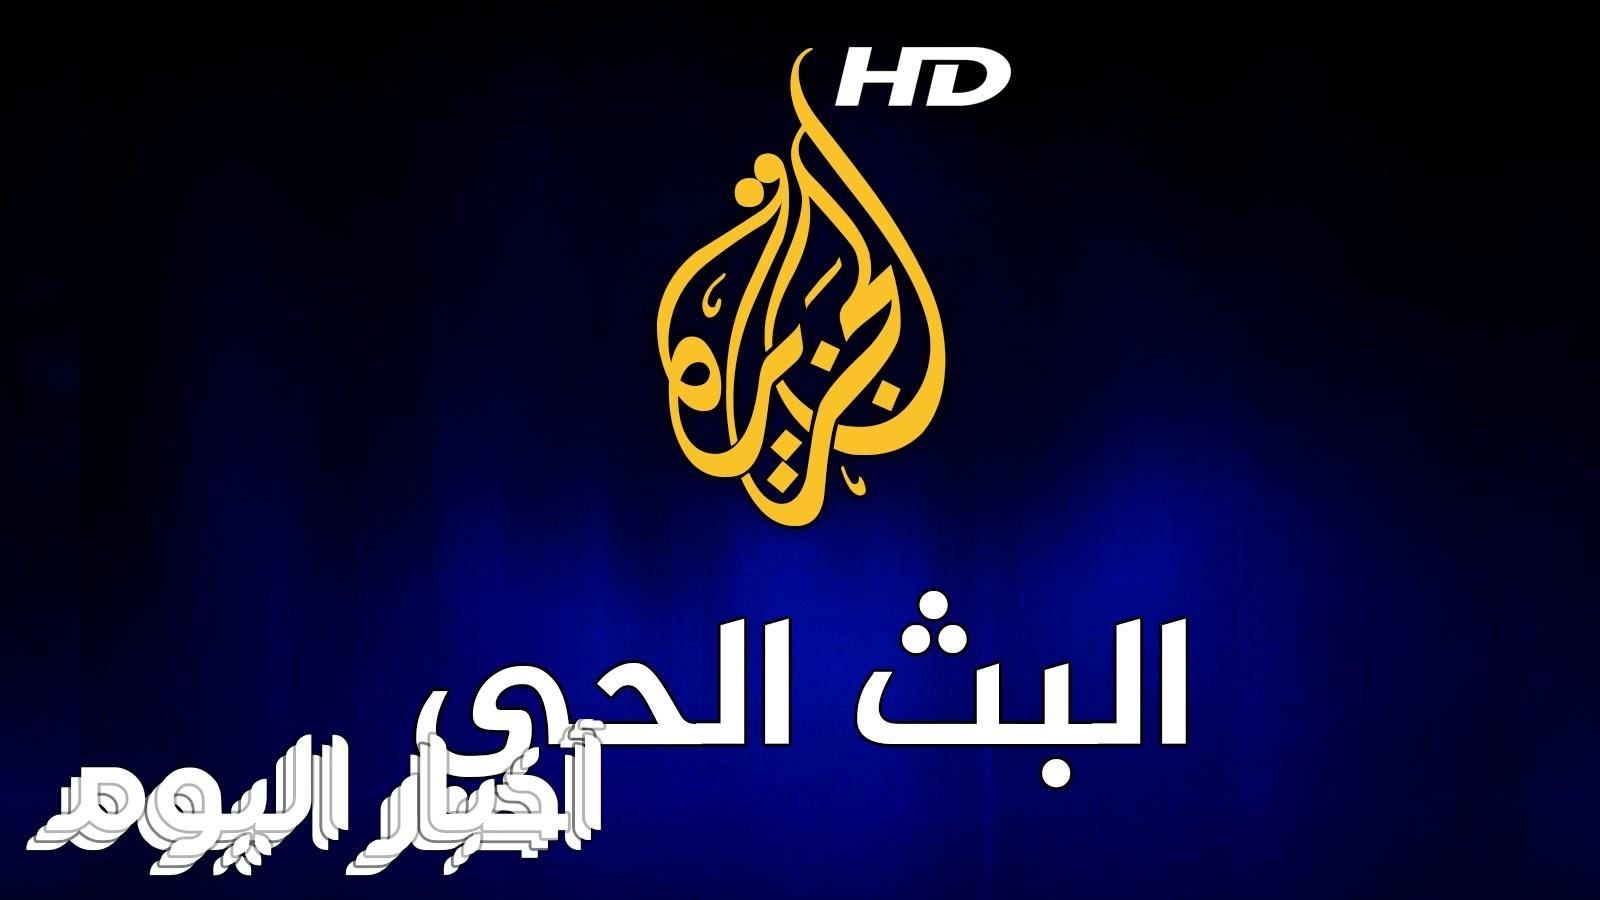 بالصور تردد قناة الجزيرة , تردد الجزيره الجديد 203 3